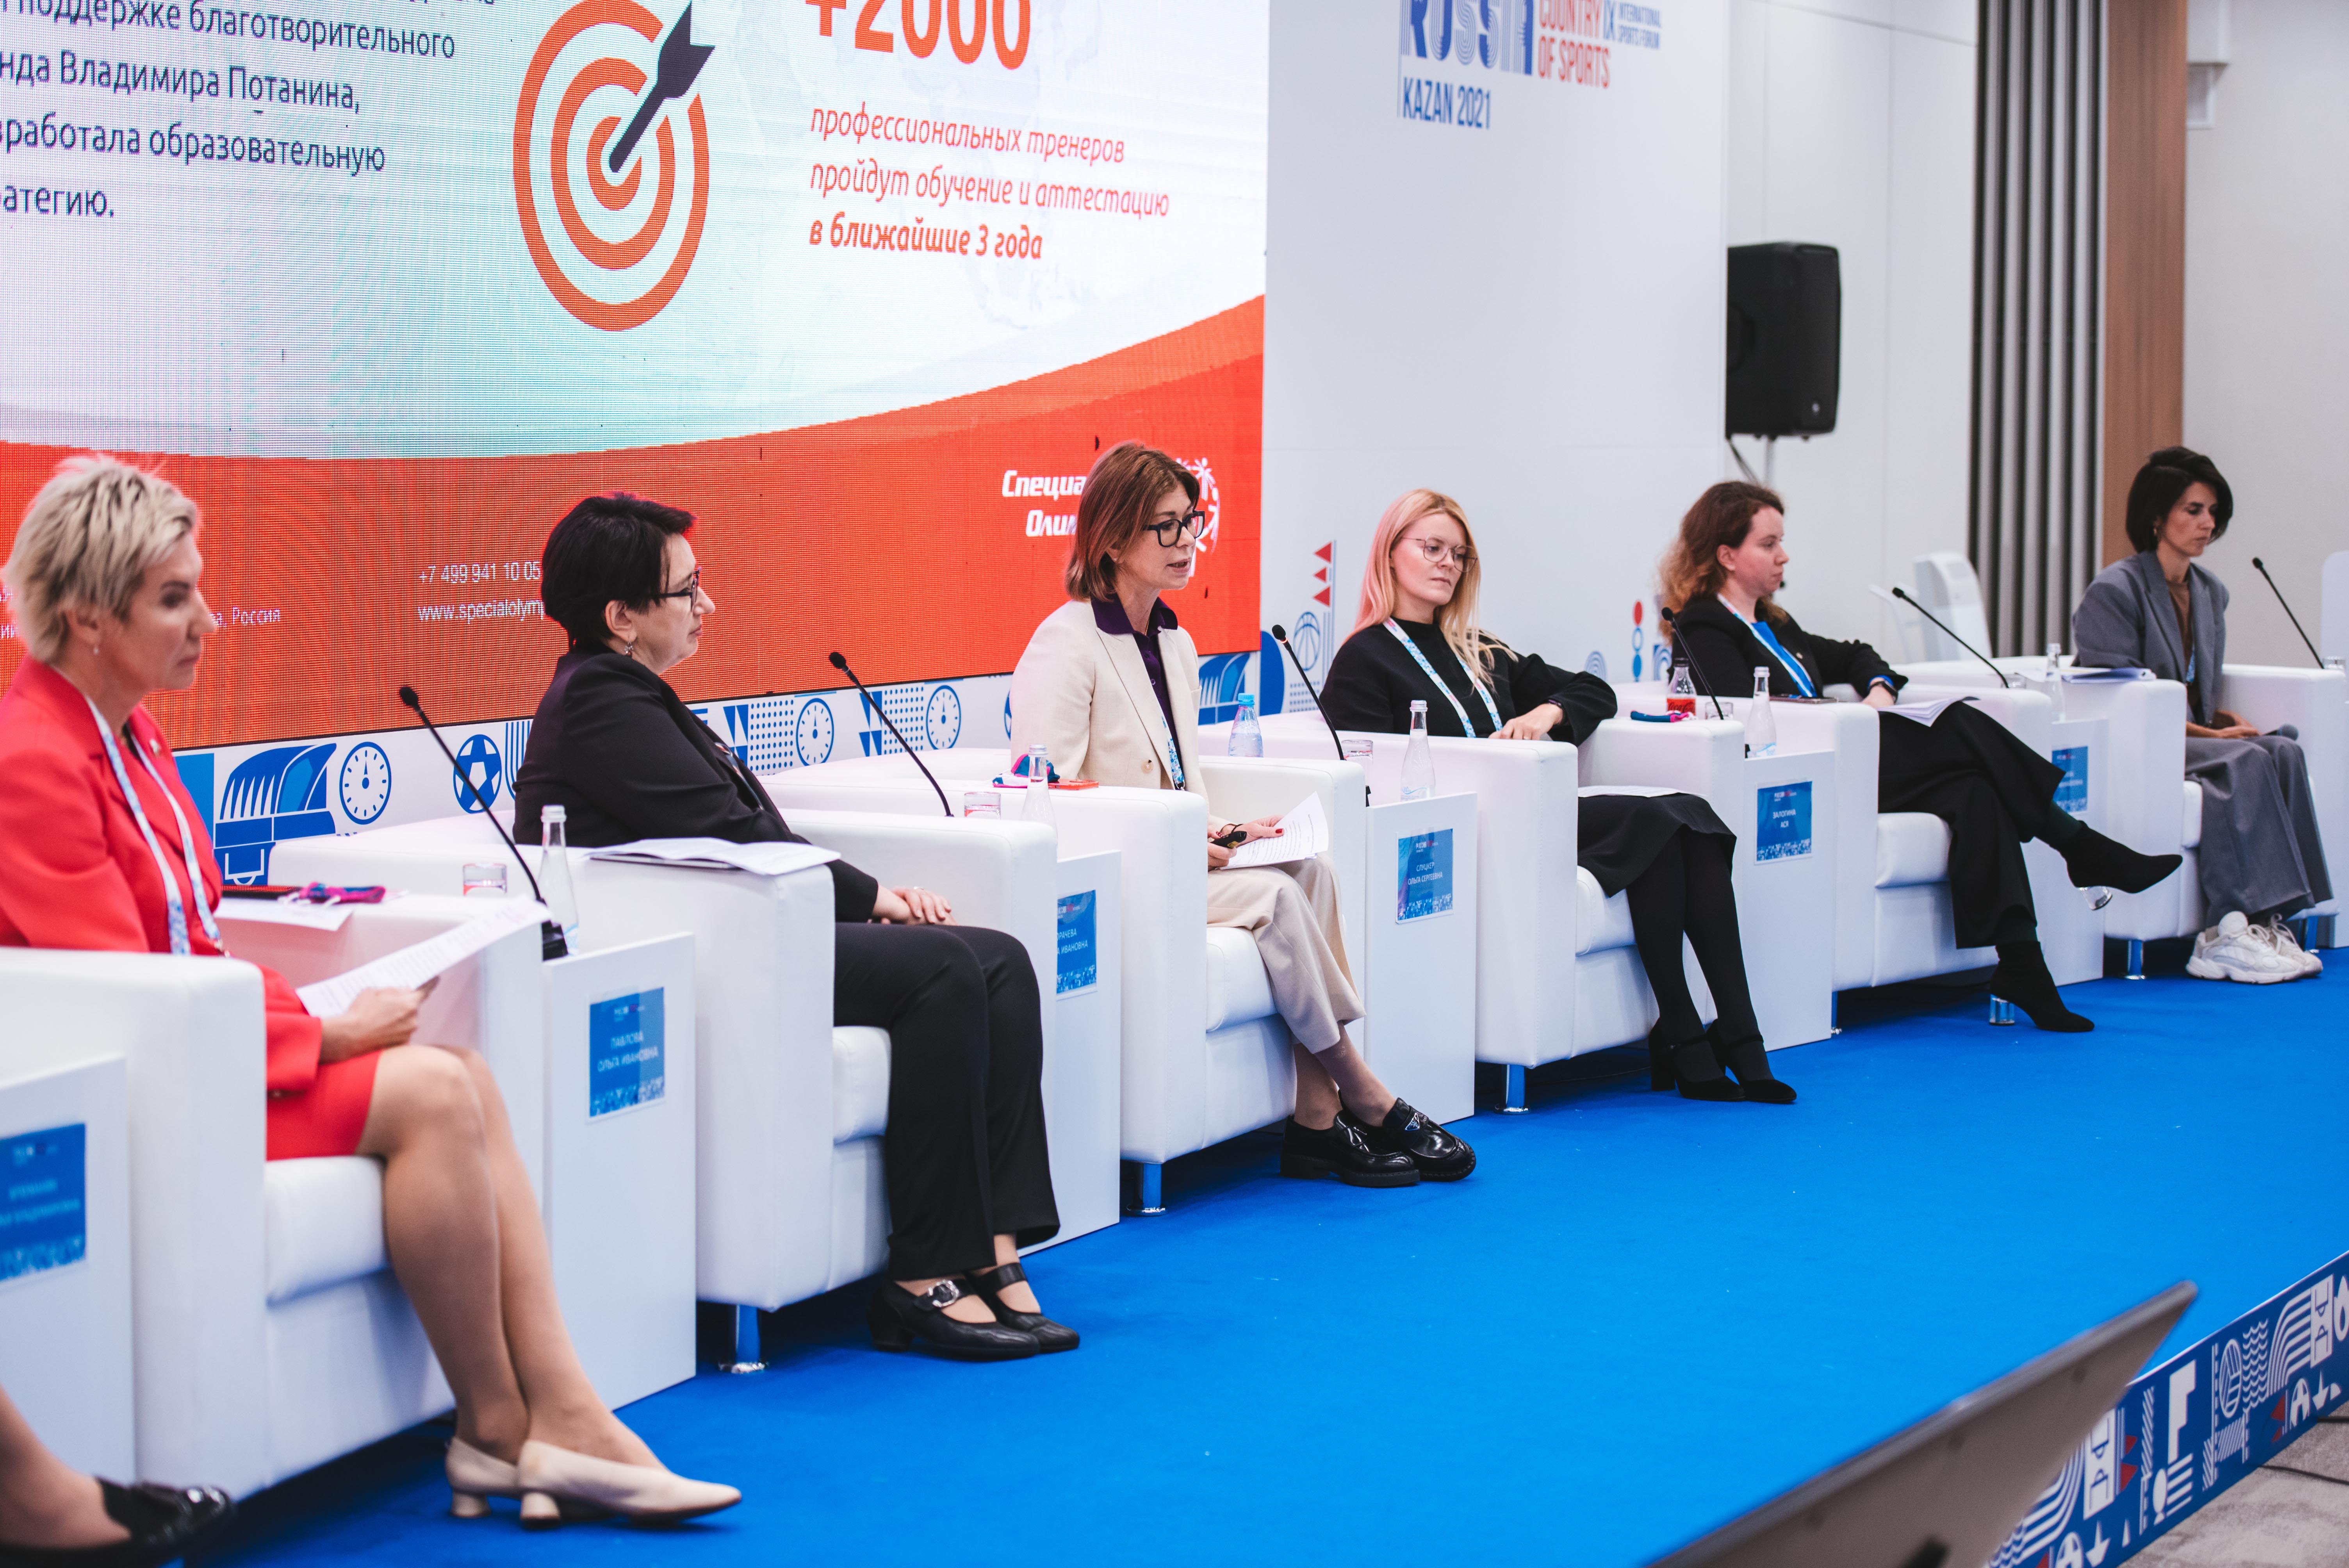 Ольга Слуцкер: «Мы за то, чтобы праздновать победу личности над обстоятельствами»